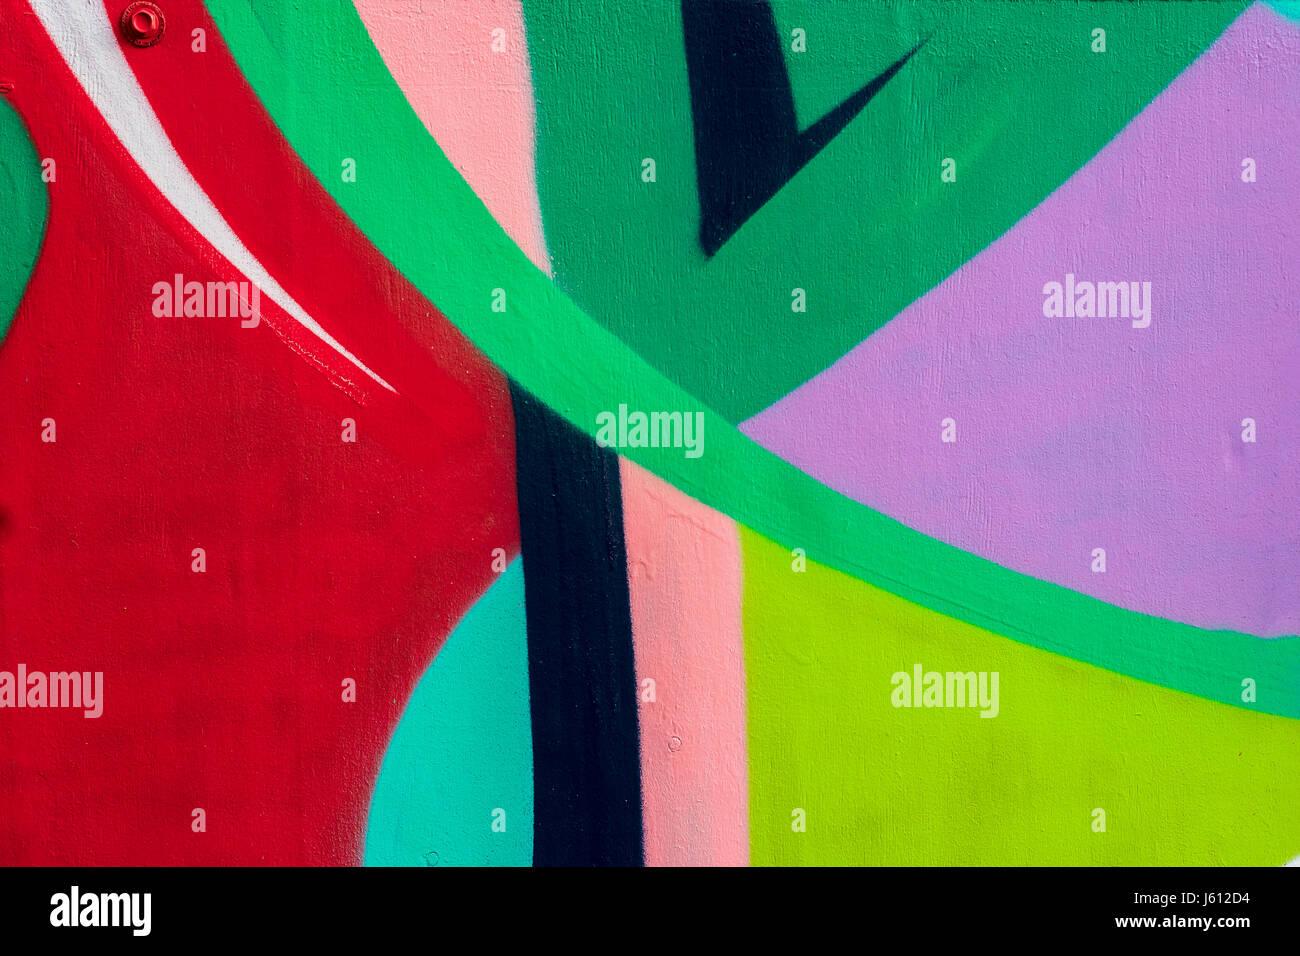 Frammento luminoso della parete con dettaglio dei graffiti, arte di strada. Abstract il disegno creativo di colori Immagini Stock